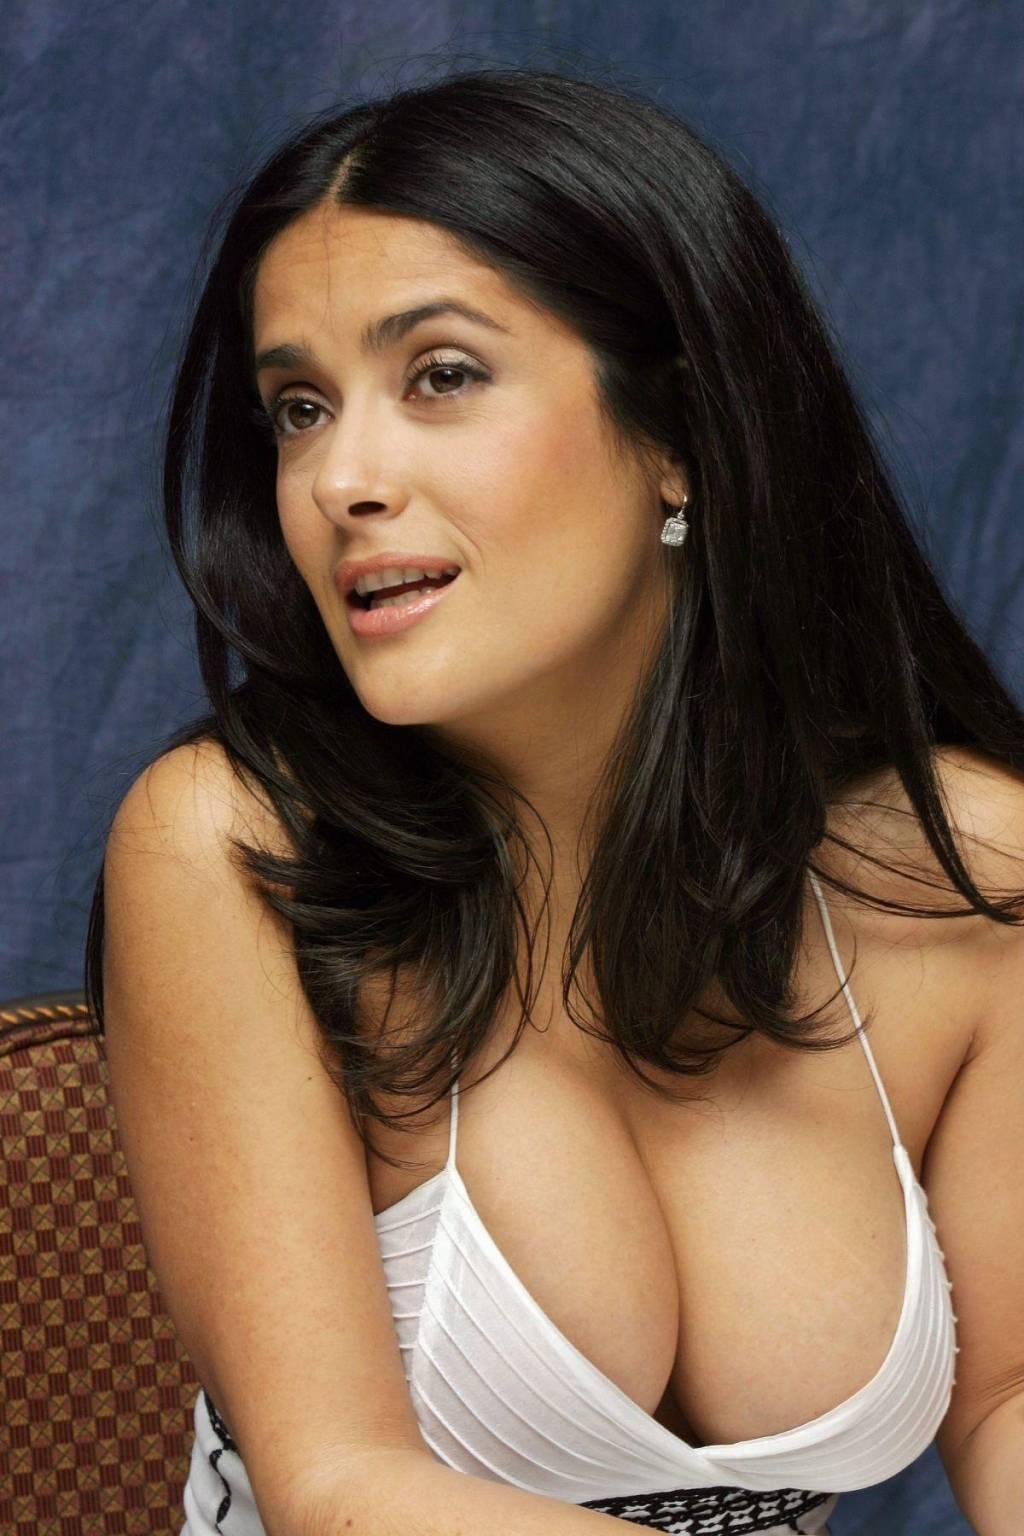 Латино-американка показывает большую грудь  456634